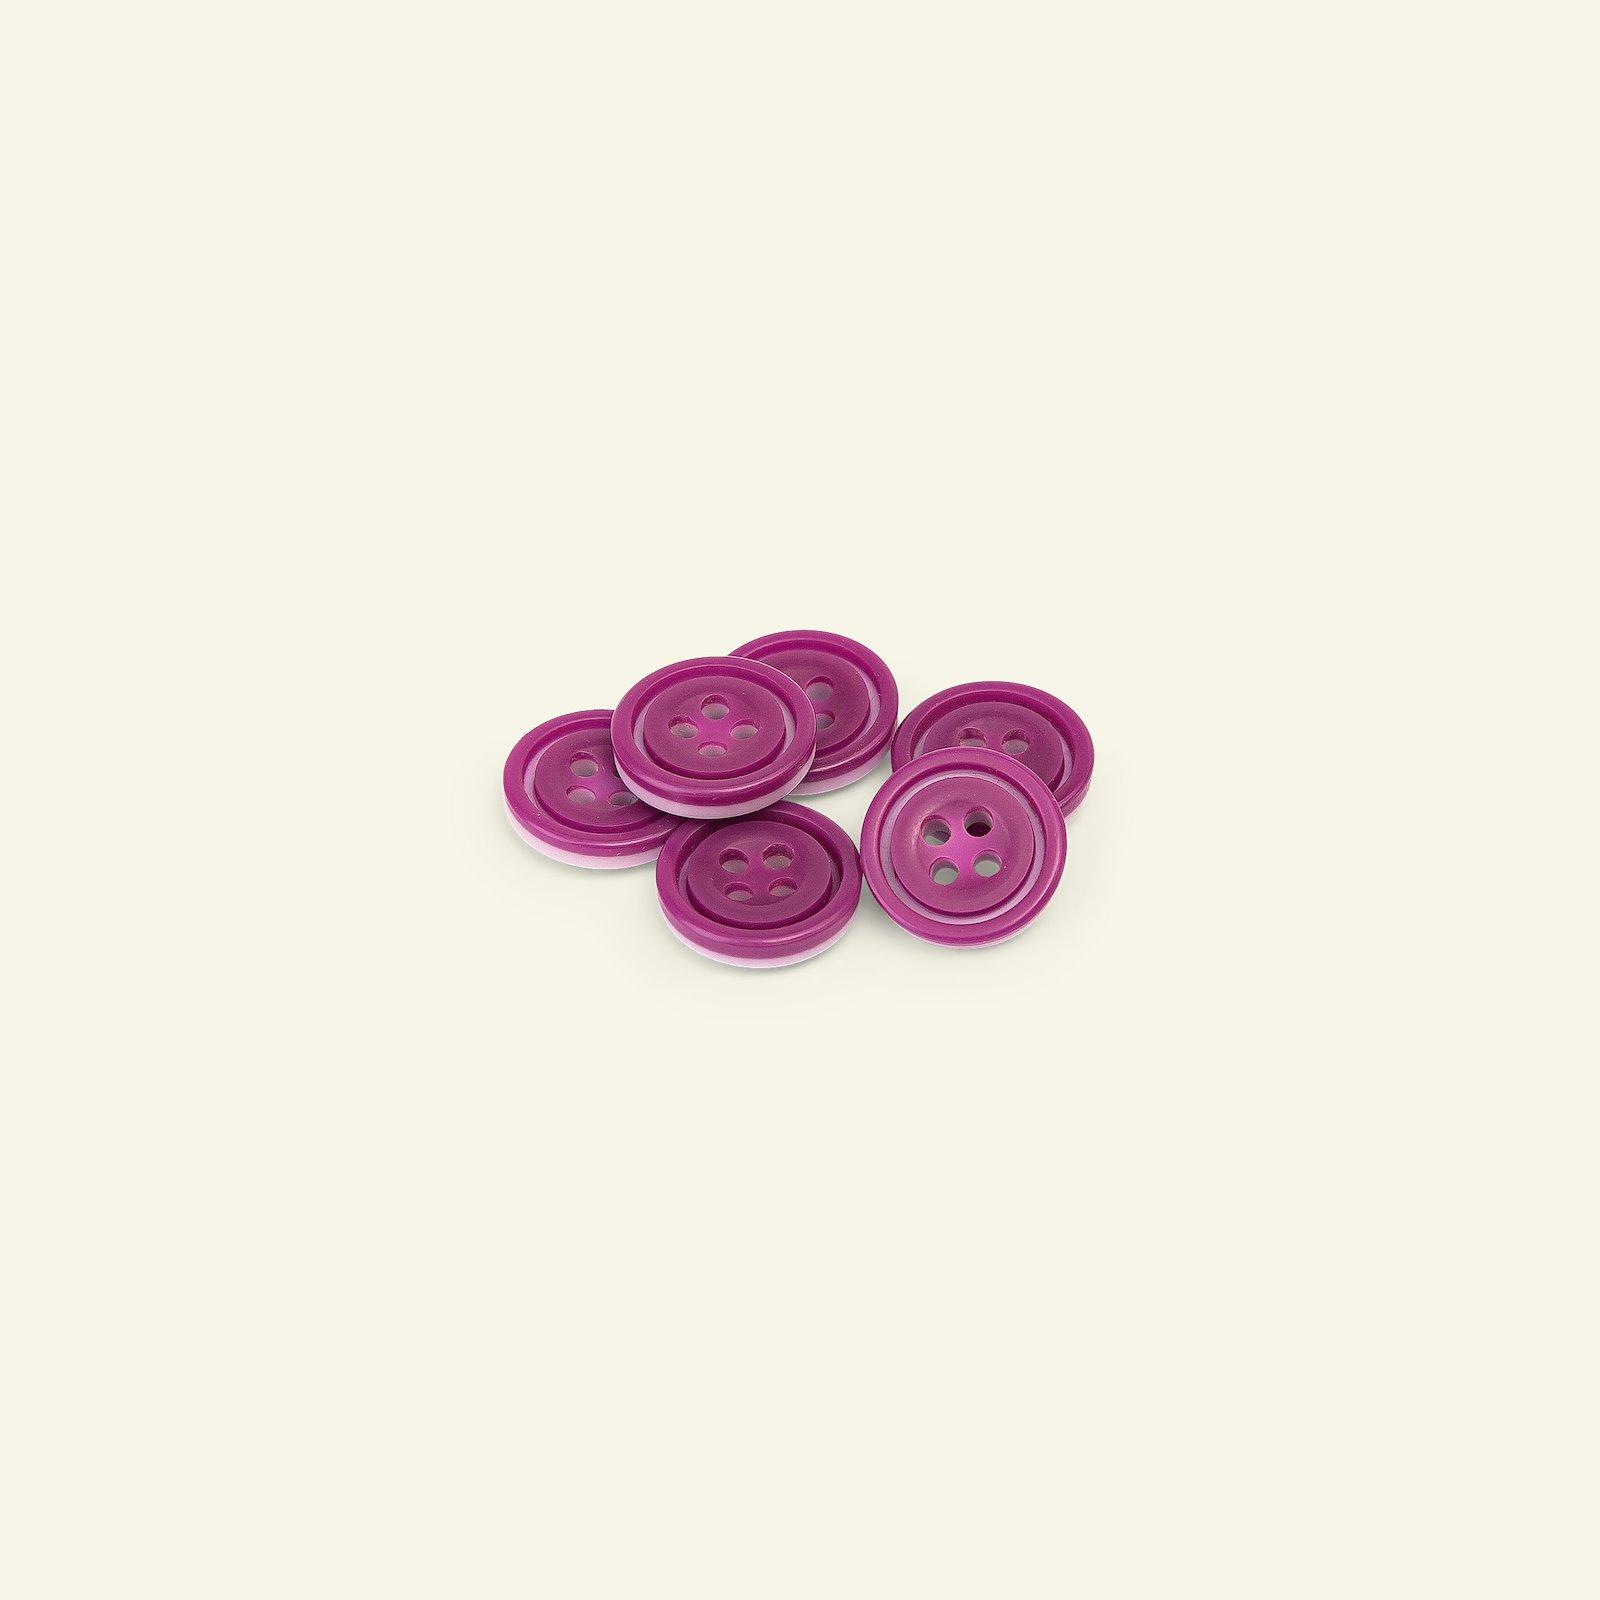 Button 4-holes w/rim 14mm purple/rose 6p 33397_pack